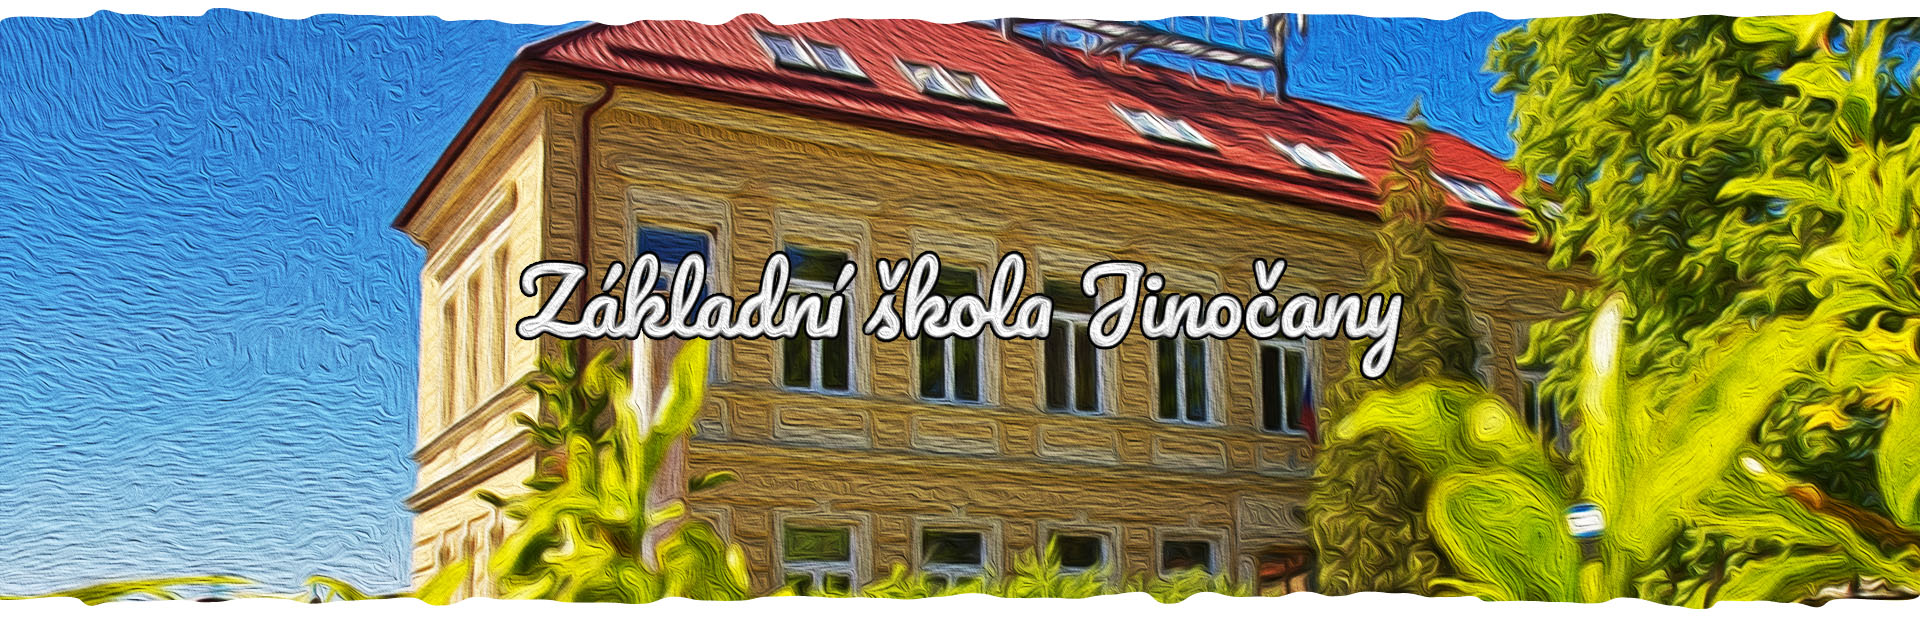 Základní škola Jinočany